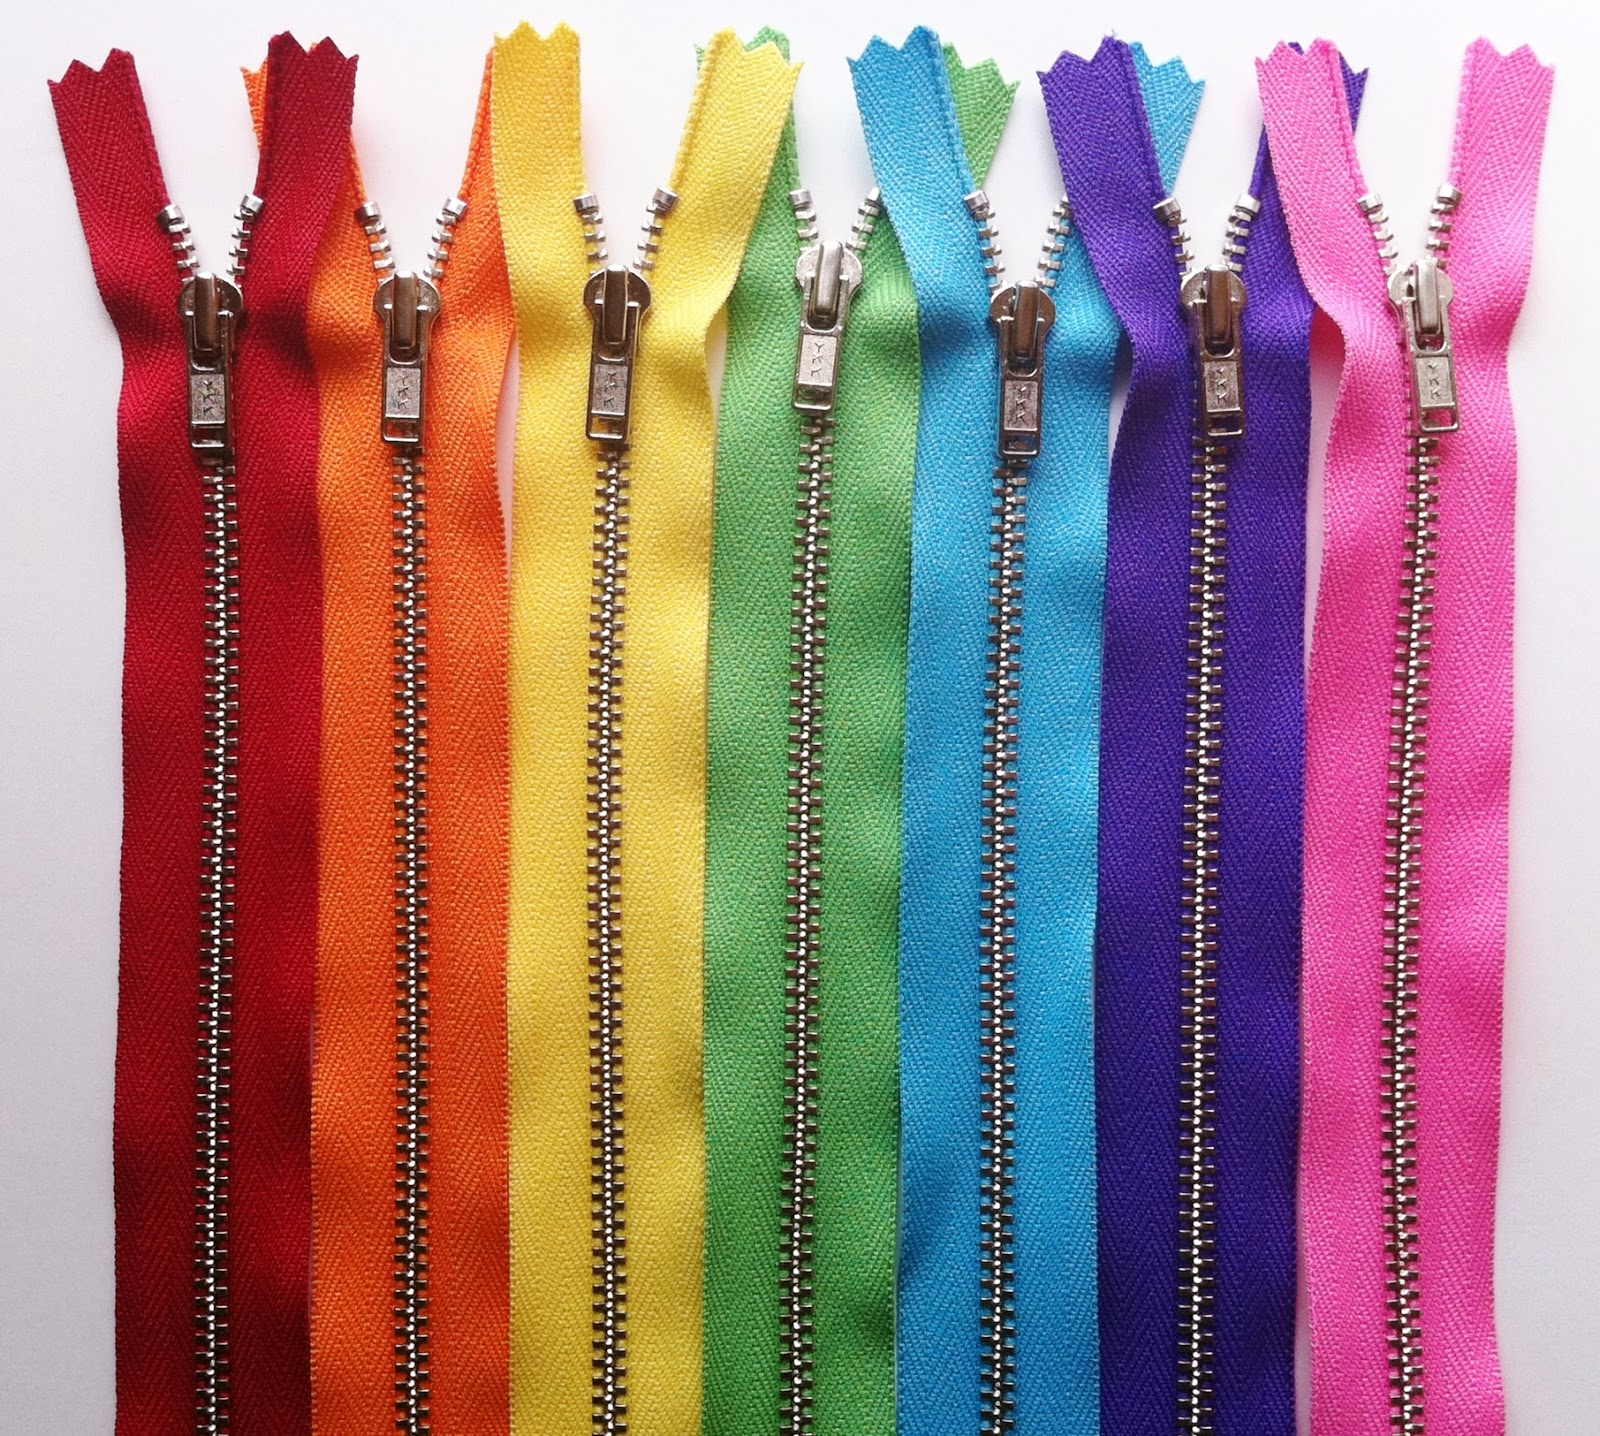 Zip It Zippers: New Metal Zippers!